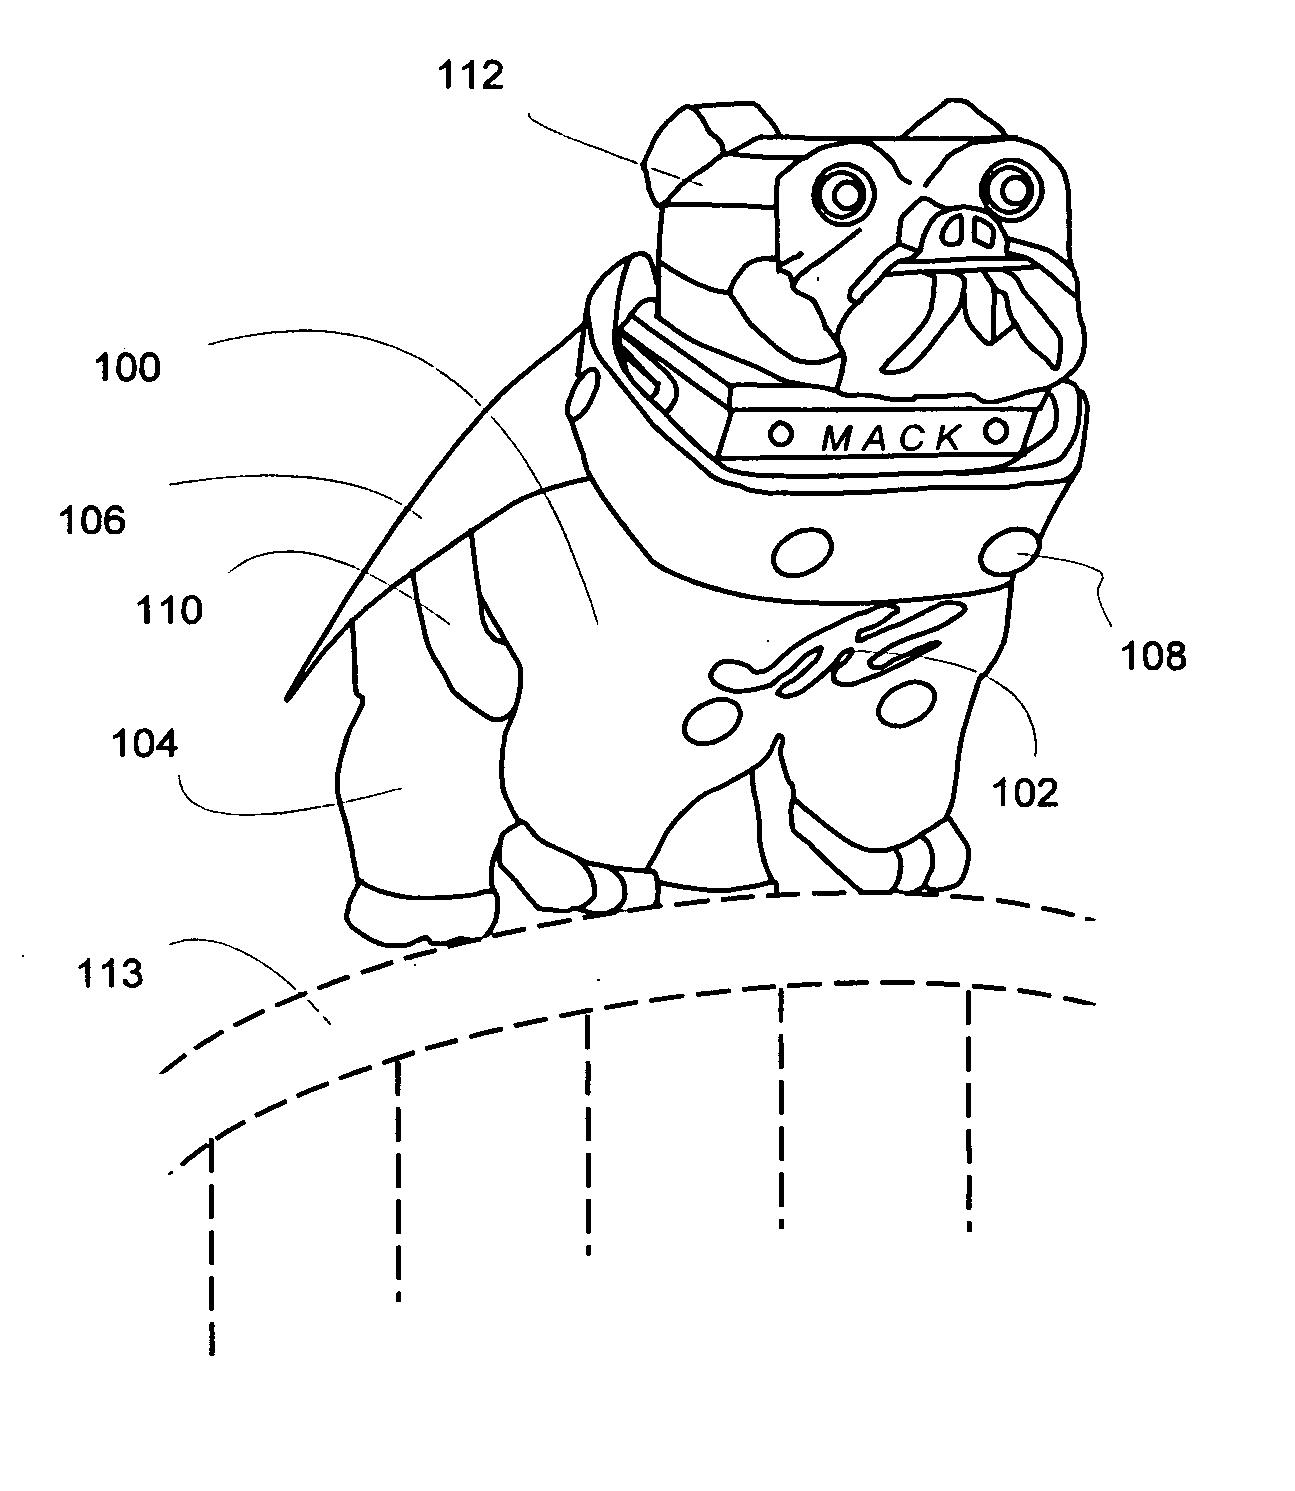 2002 chevy prizm wire diagram wiring schematic